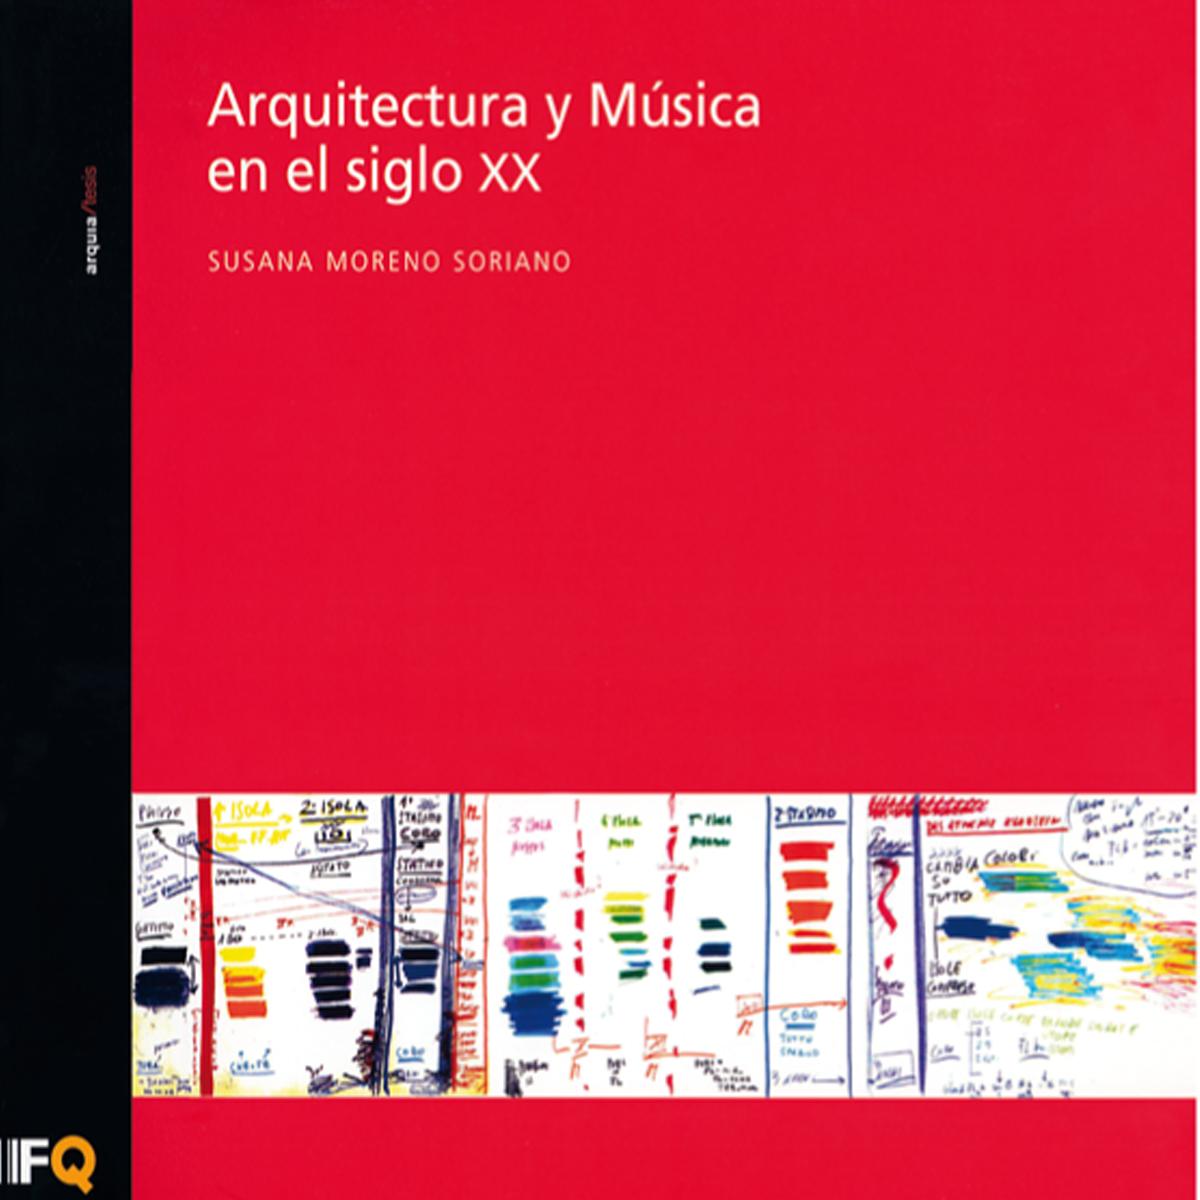 Arquitectura y música en el siglo XX